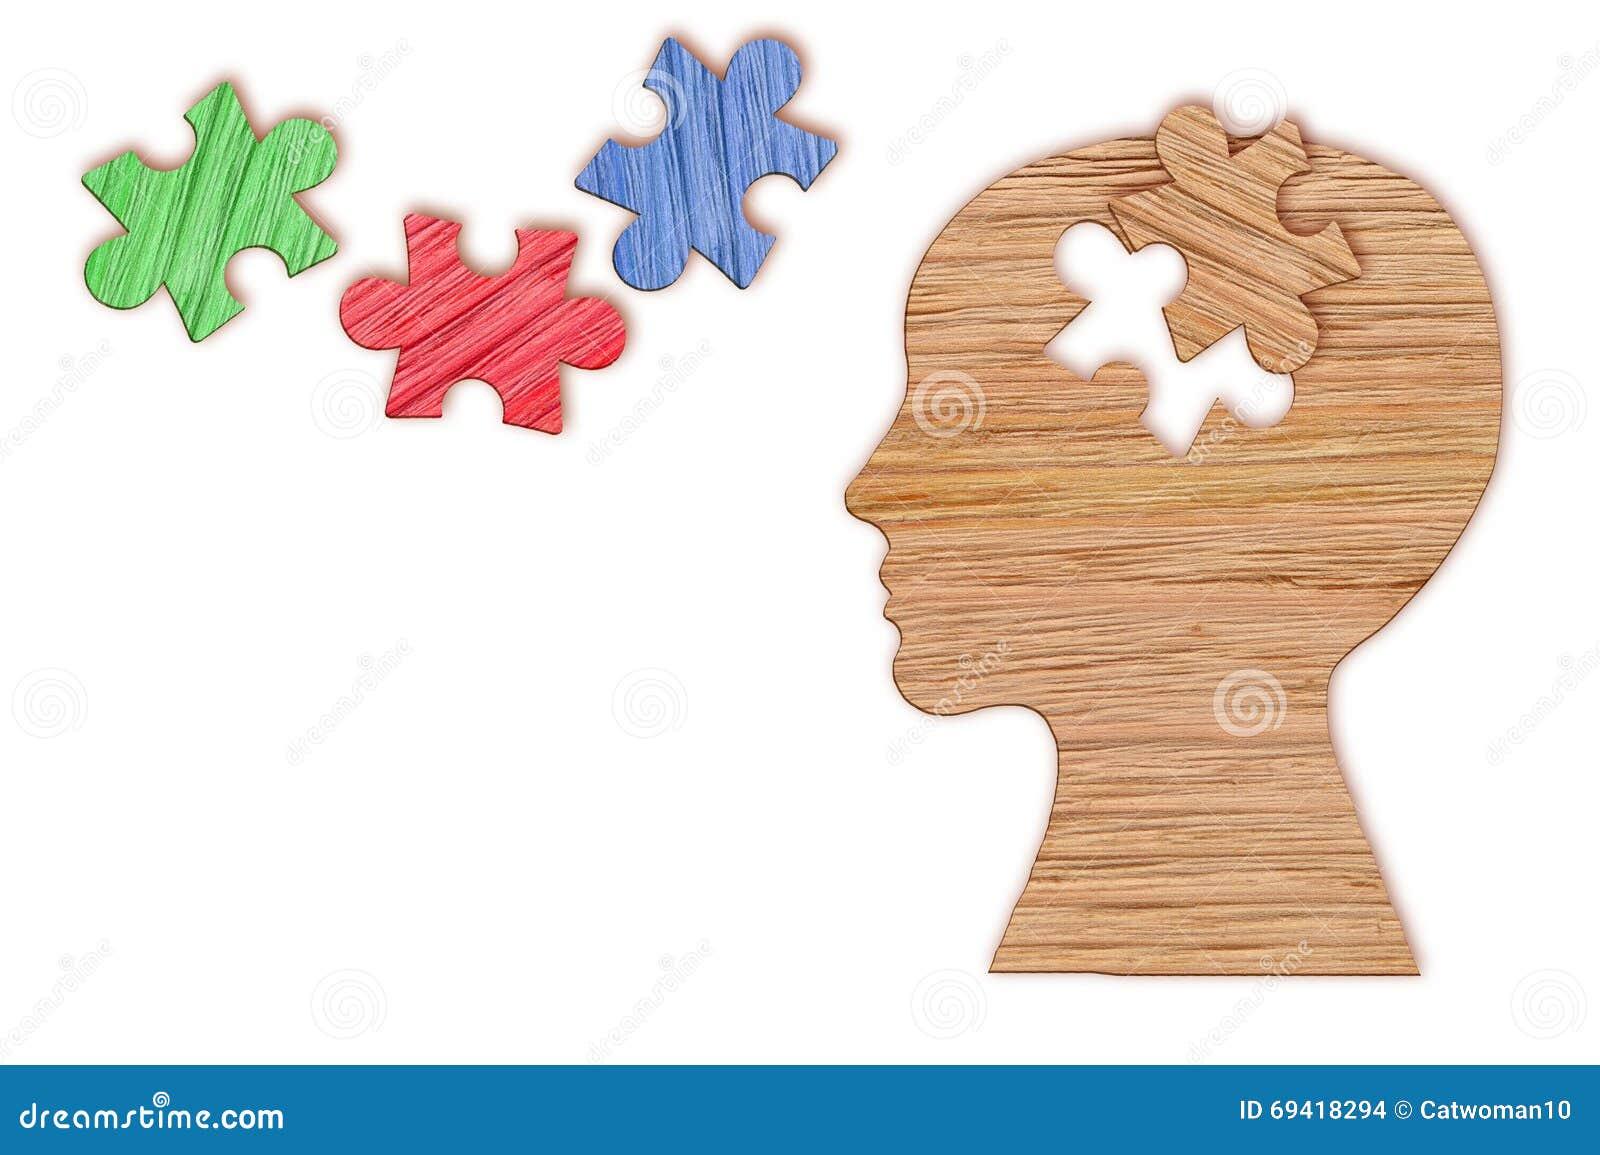 Siluetta della testa umana, simbolo di salute mentale Puzzle